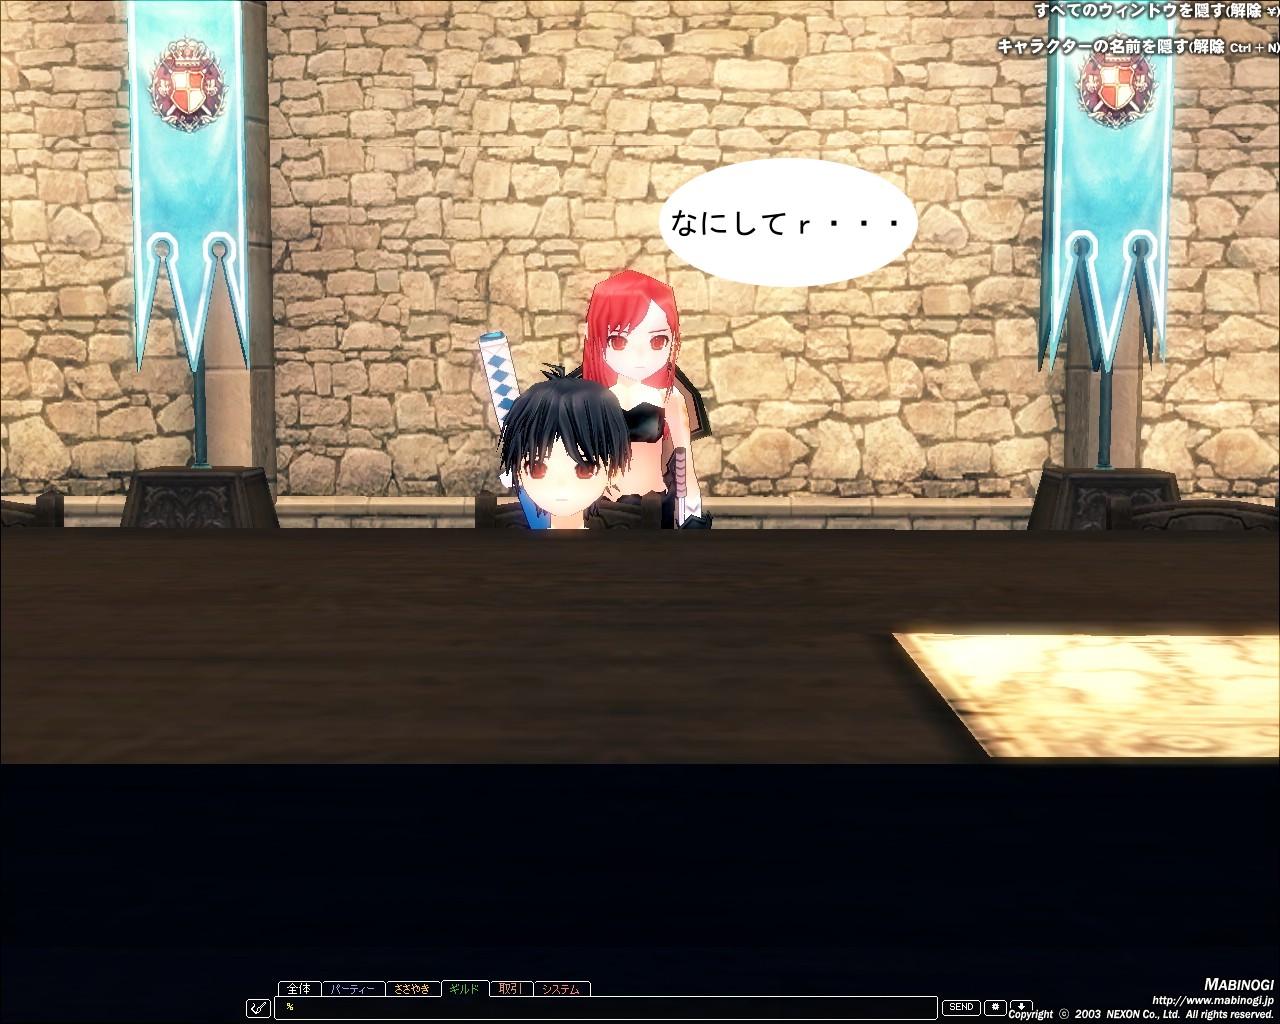 mabinogi_2010_06_26_002.jpg